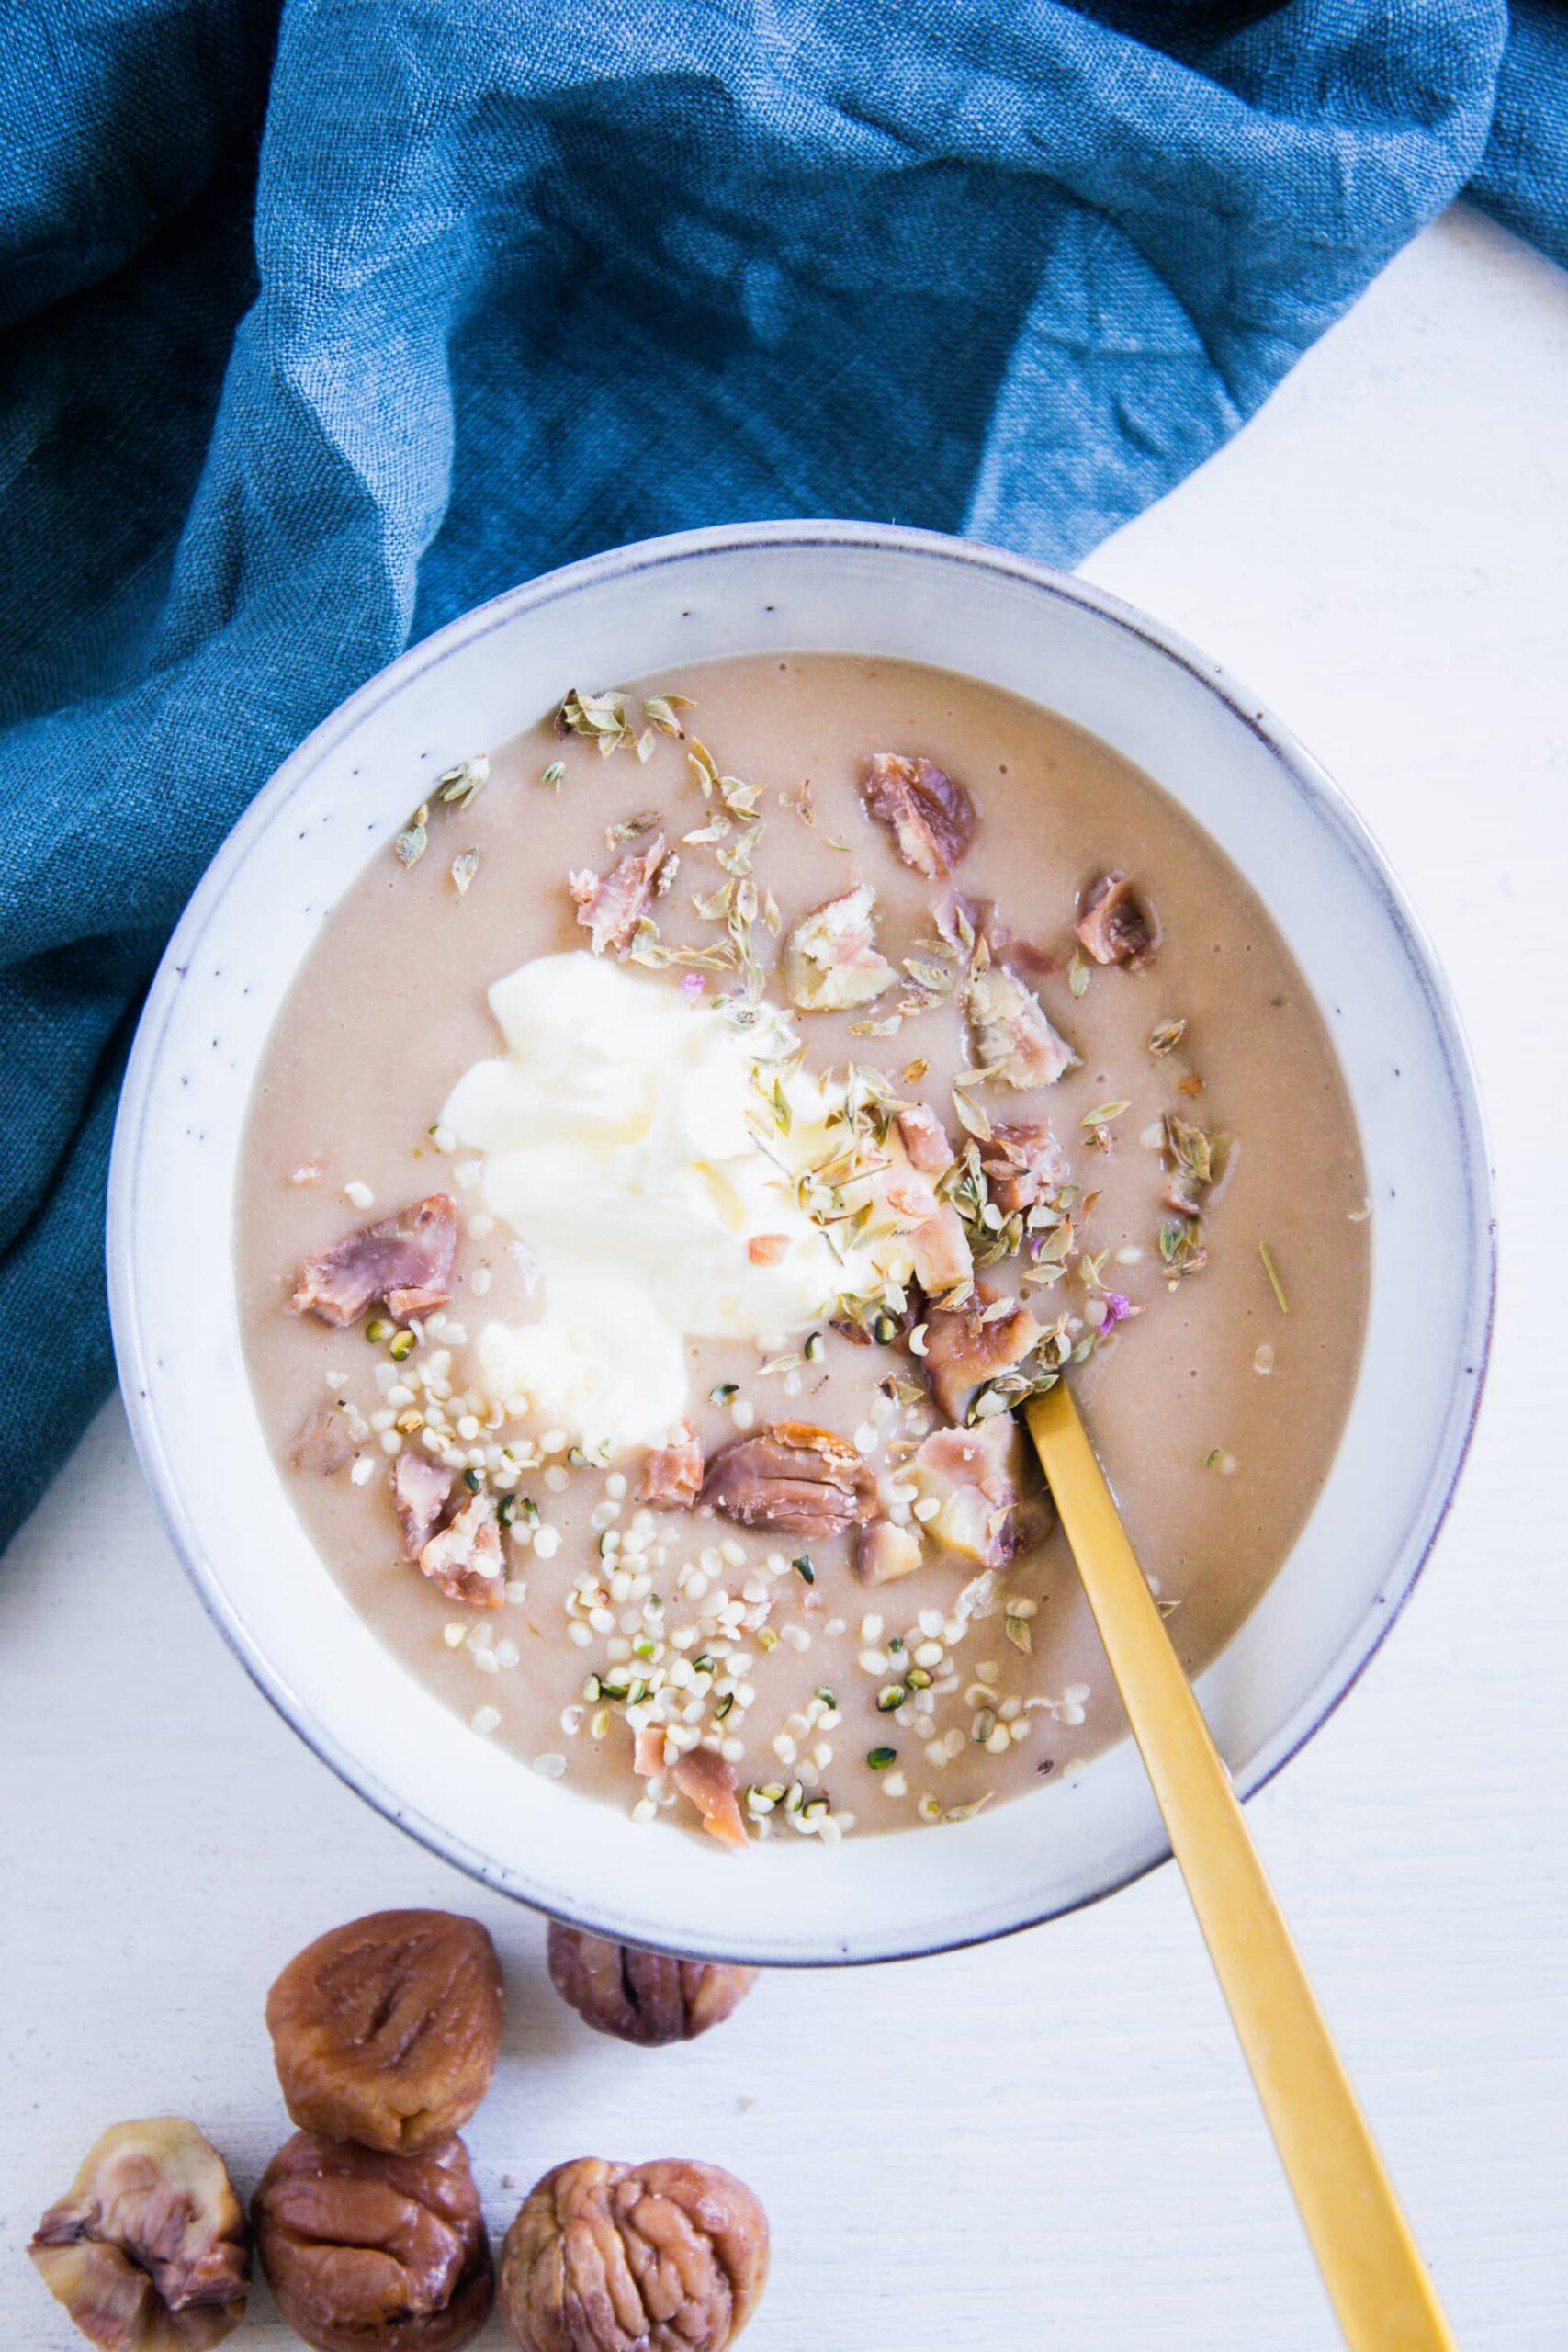 Maroni-Kartoffelsuppe in einer graublauen Schüssel mit einem goldenen Löffel. Garniert mit Maronistücken, Hanfsamen und Crème fraîche. Aufnahme von oben.